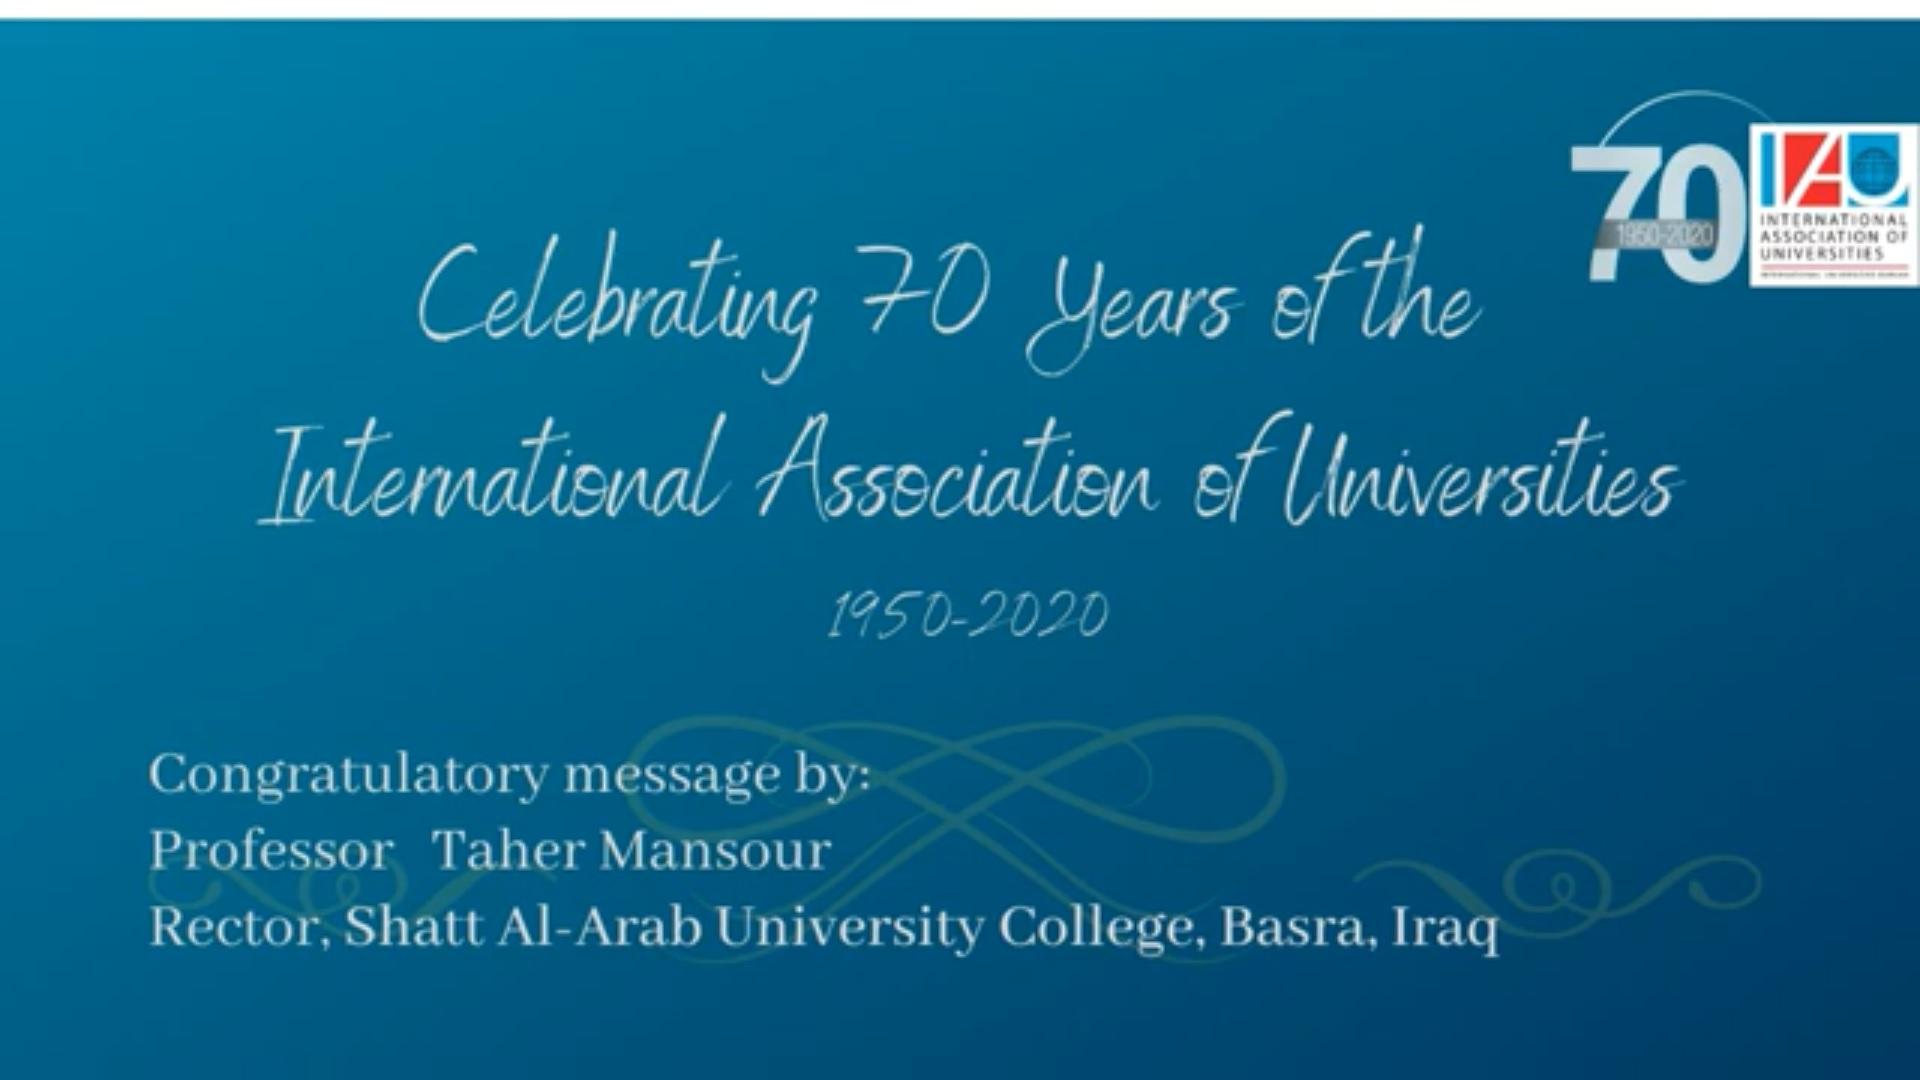 كلية شط العرب الجامعة تشارك في احتفالية أتحاد الجامعات العالمي